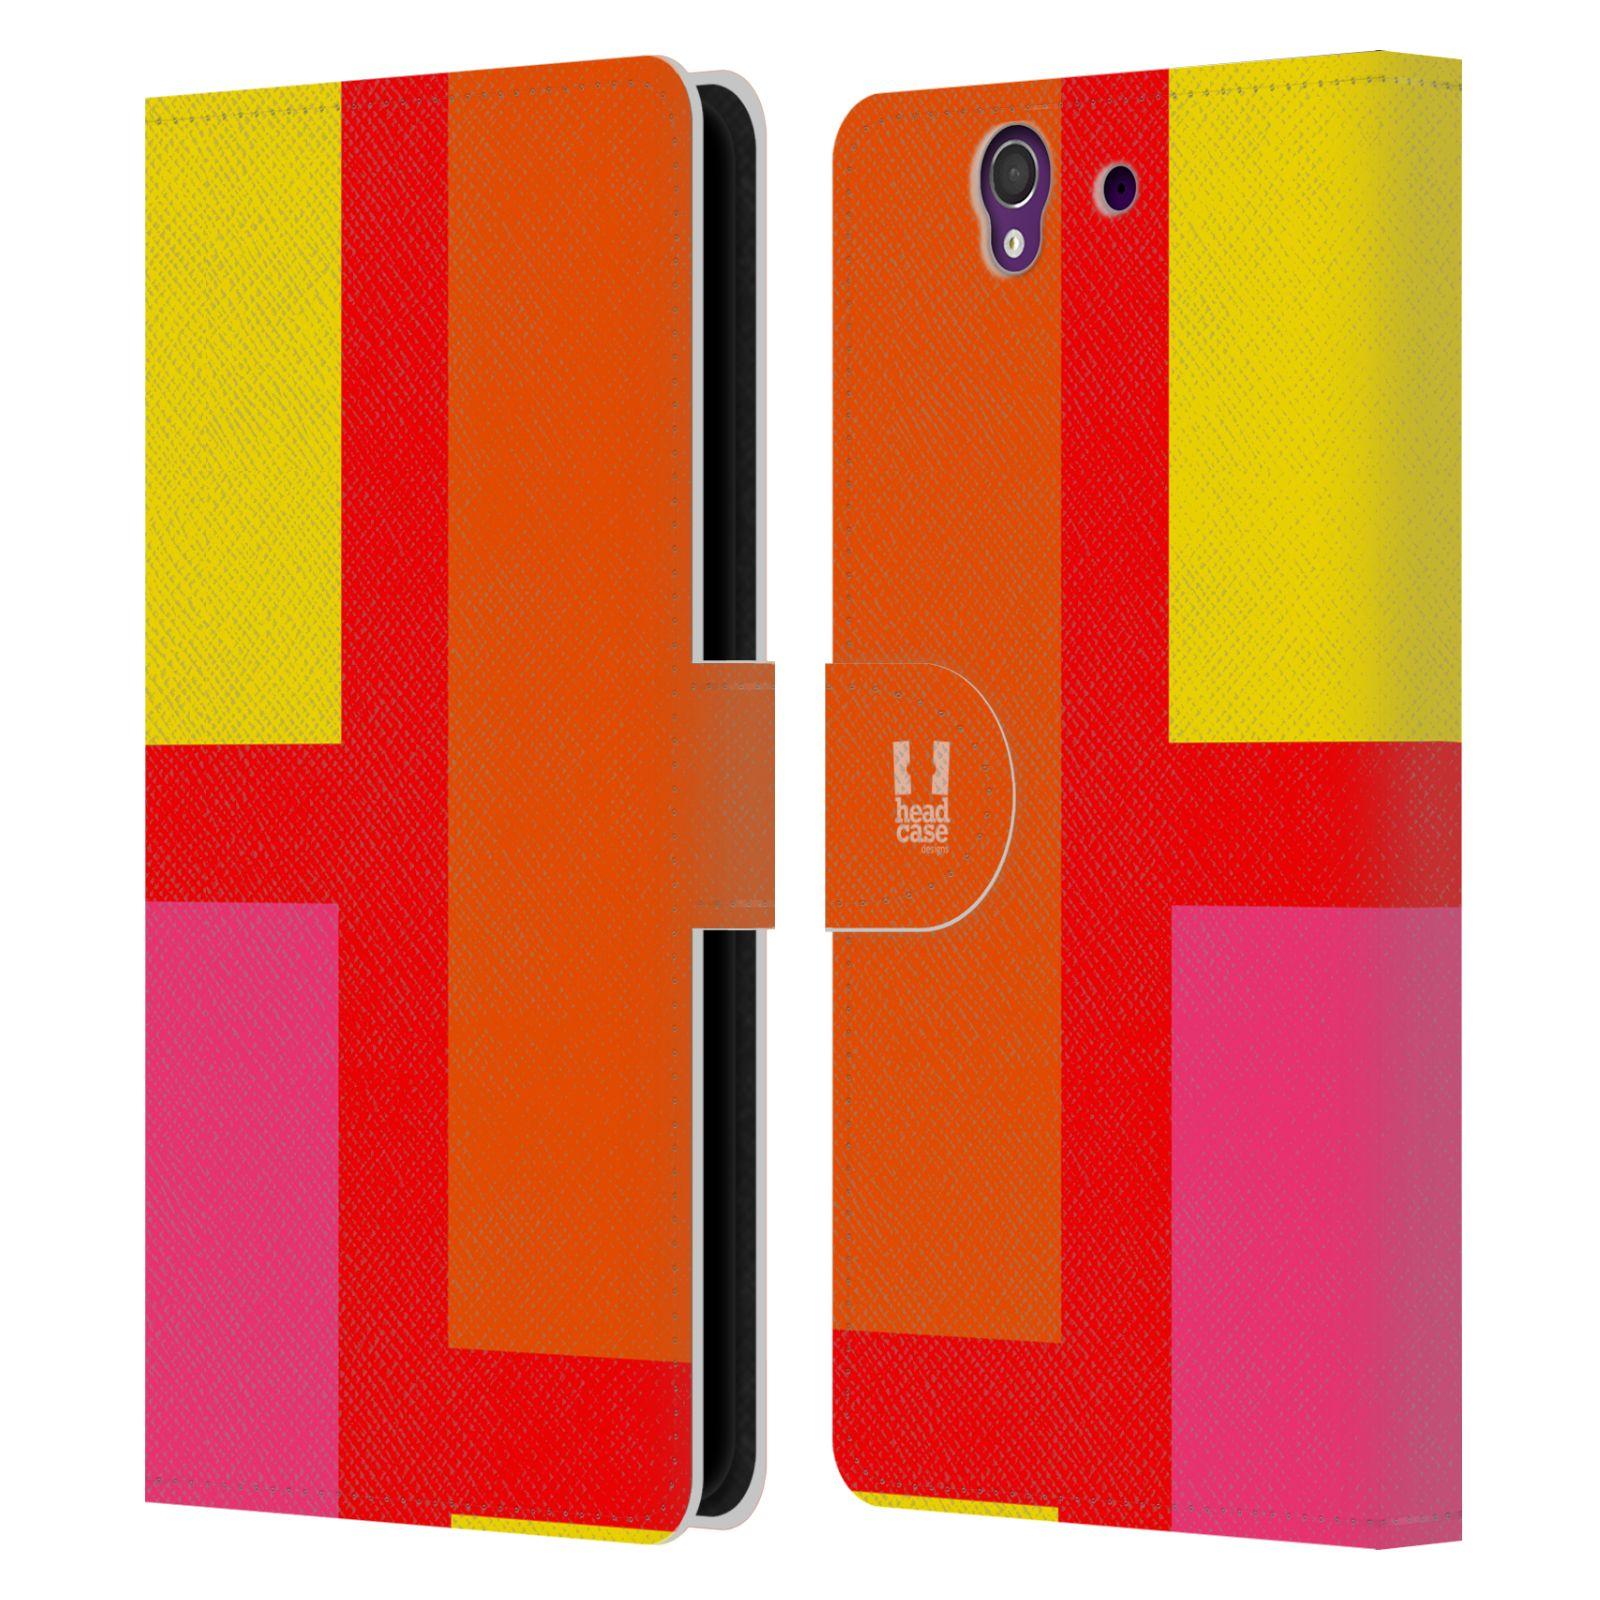 HEAD CASE Flipové pouzdro pro mobil SONY Xperia Z barevné tvary oranžová ulice